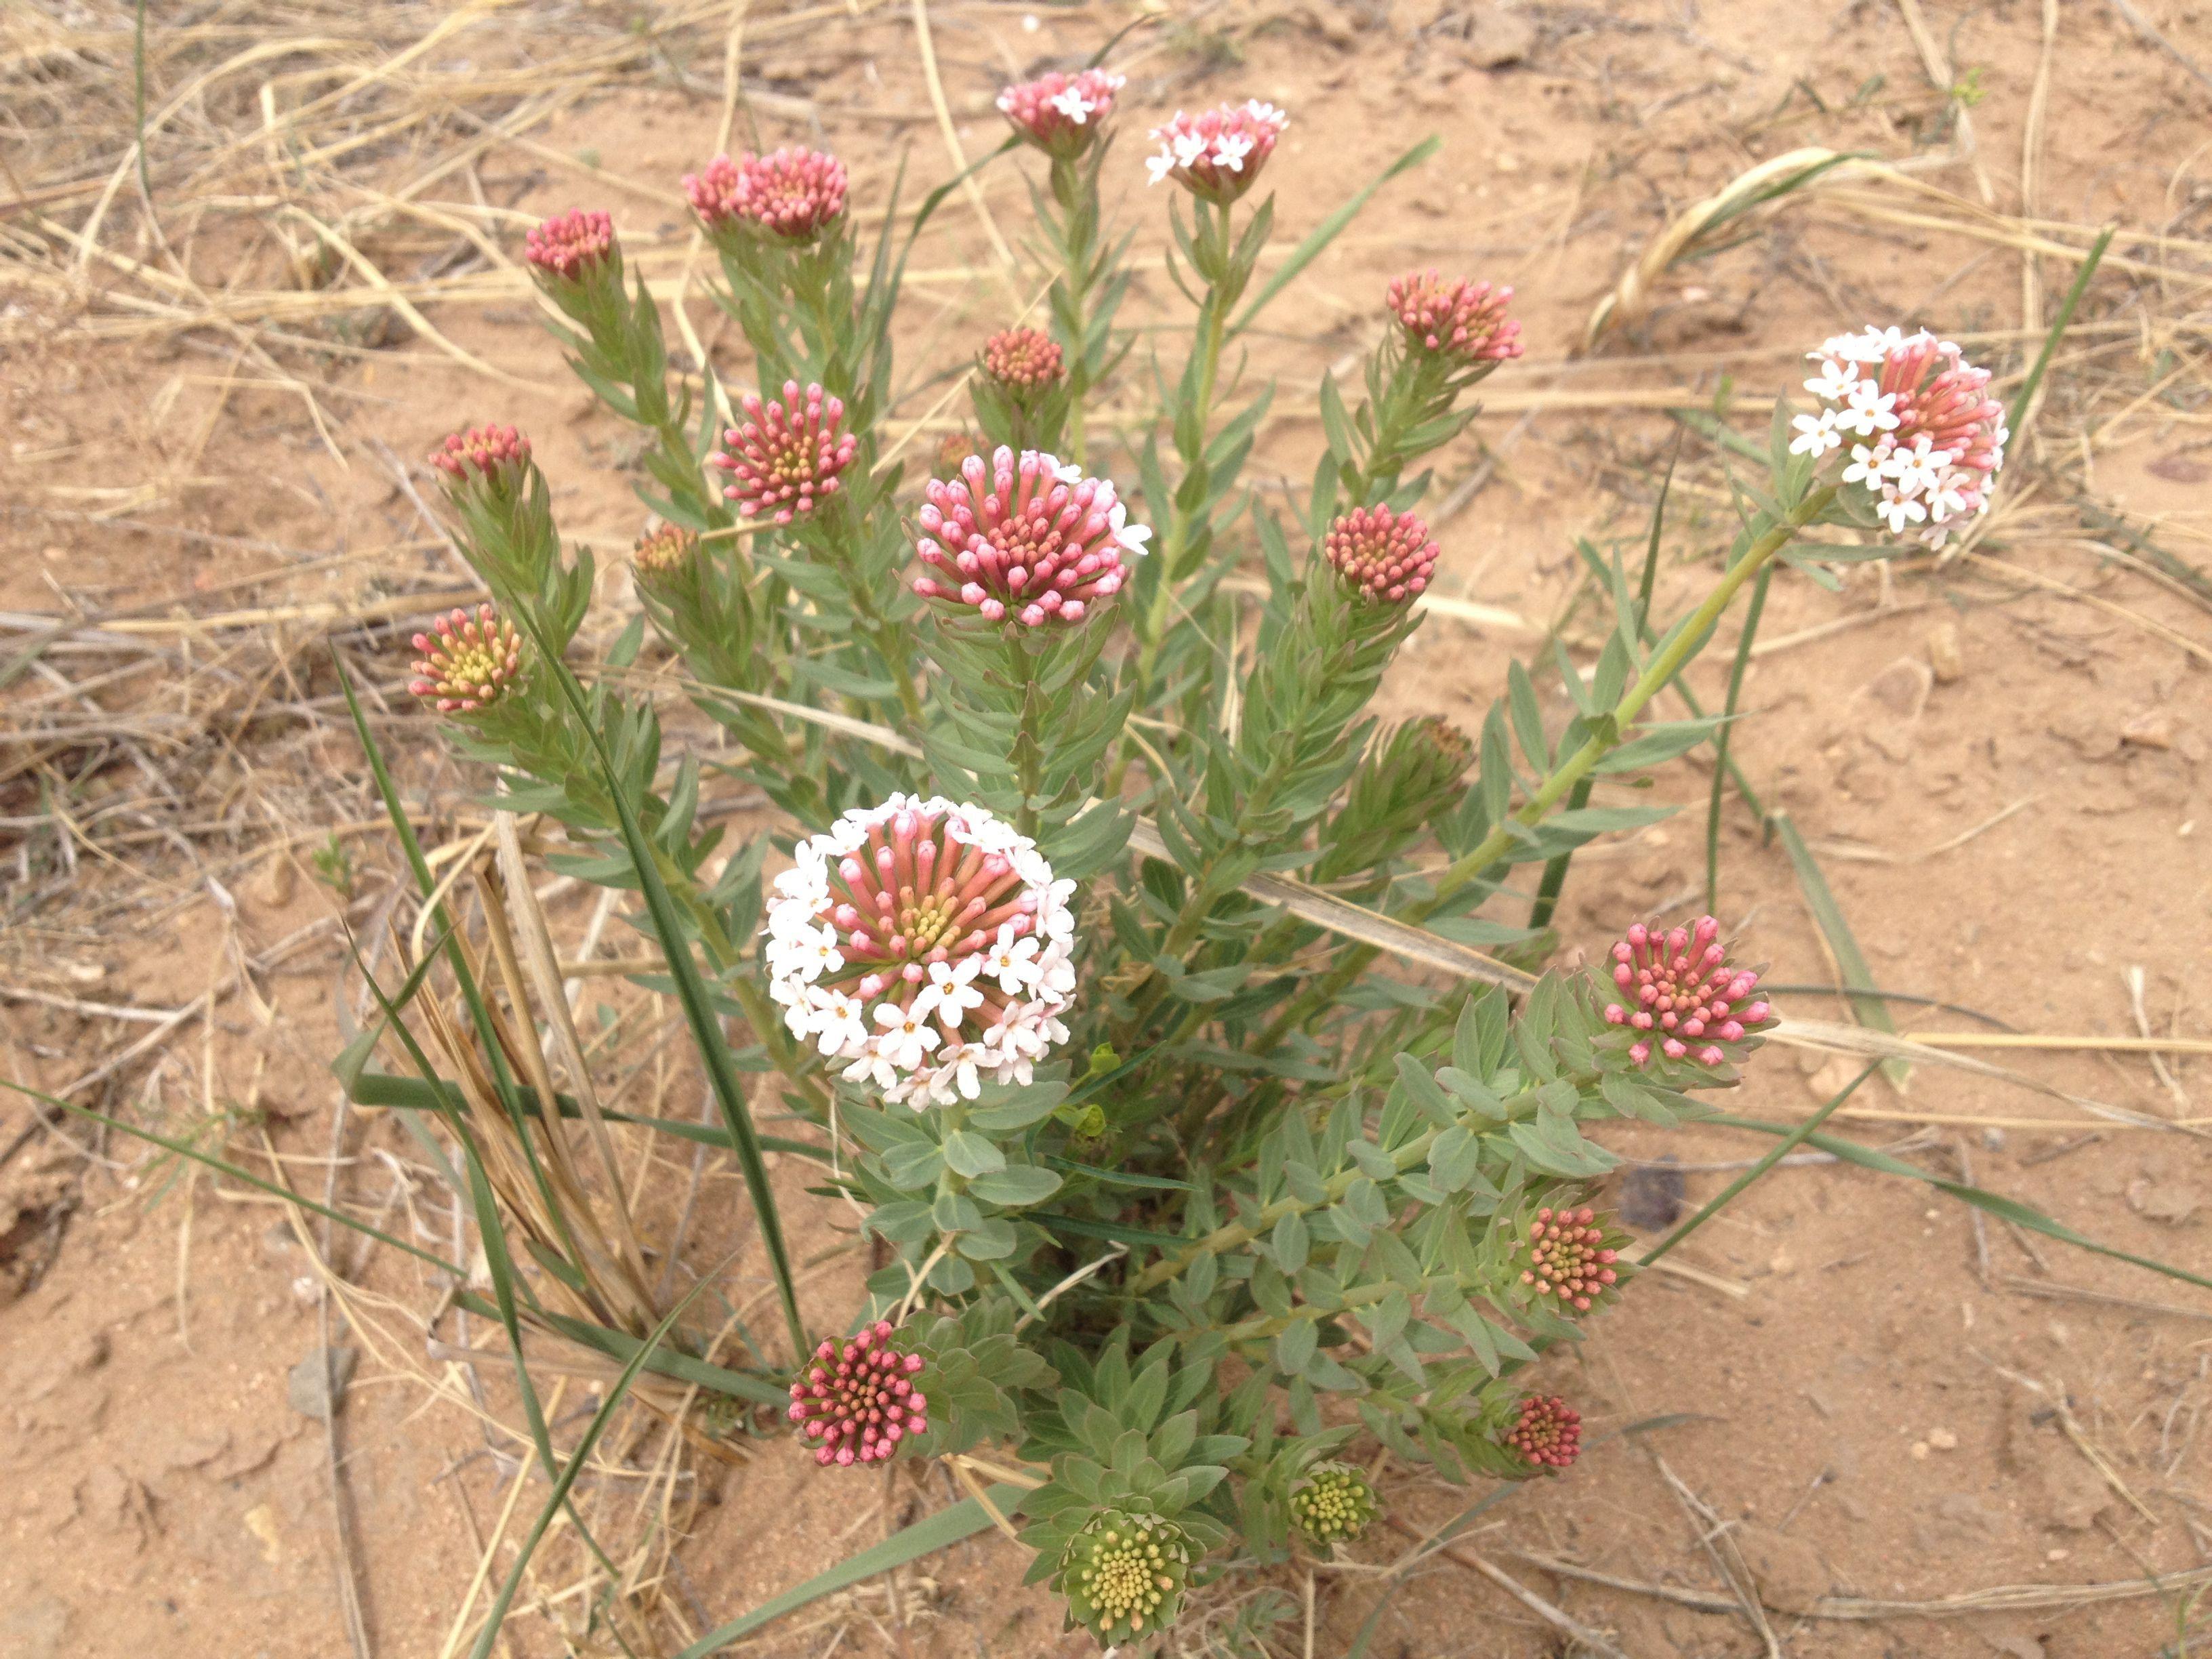 请问这种鄂尔多斯当地的花叫什么名字?图片